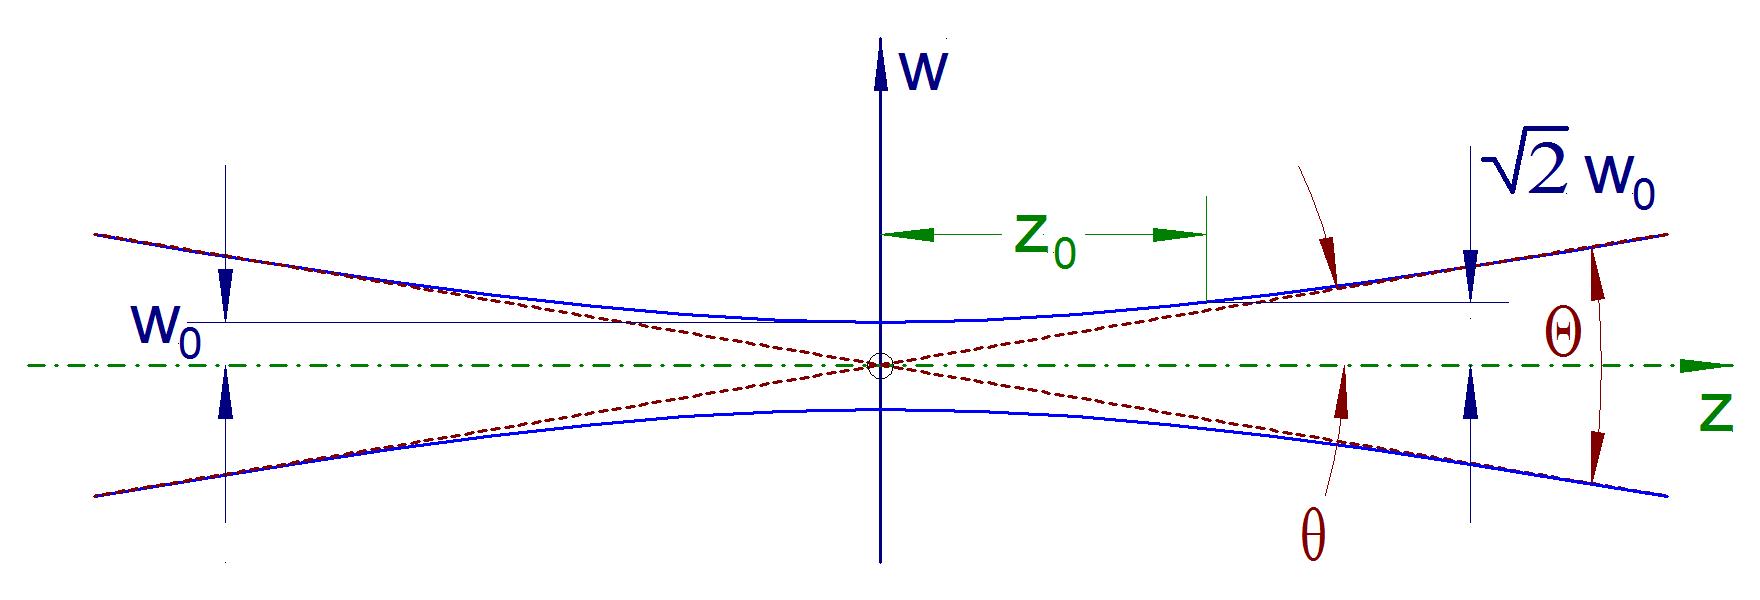 Beam divergence - Wikipedia